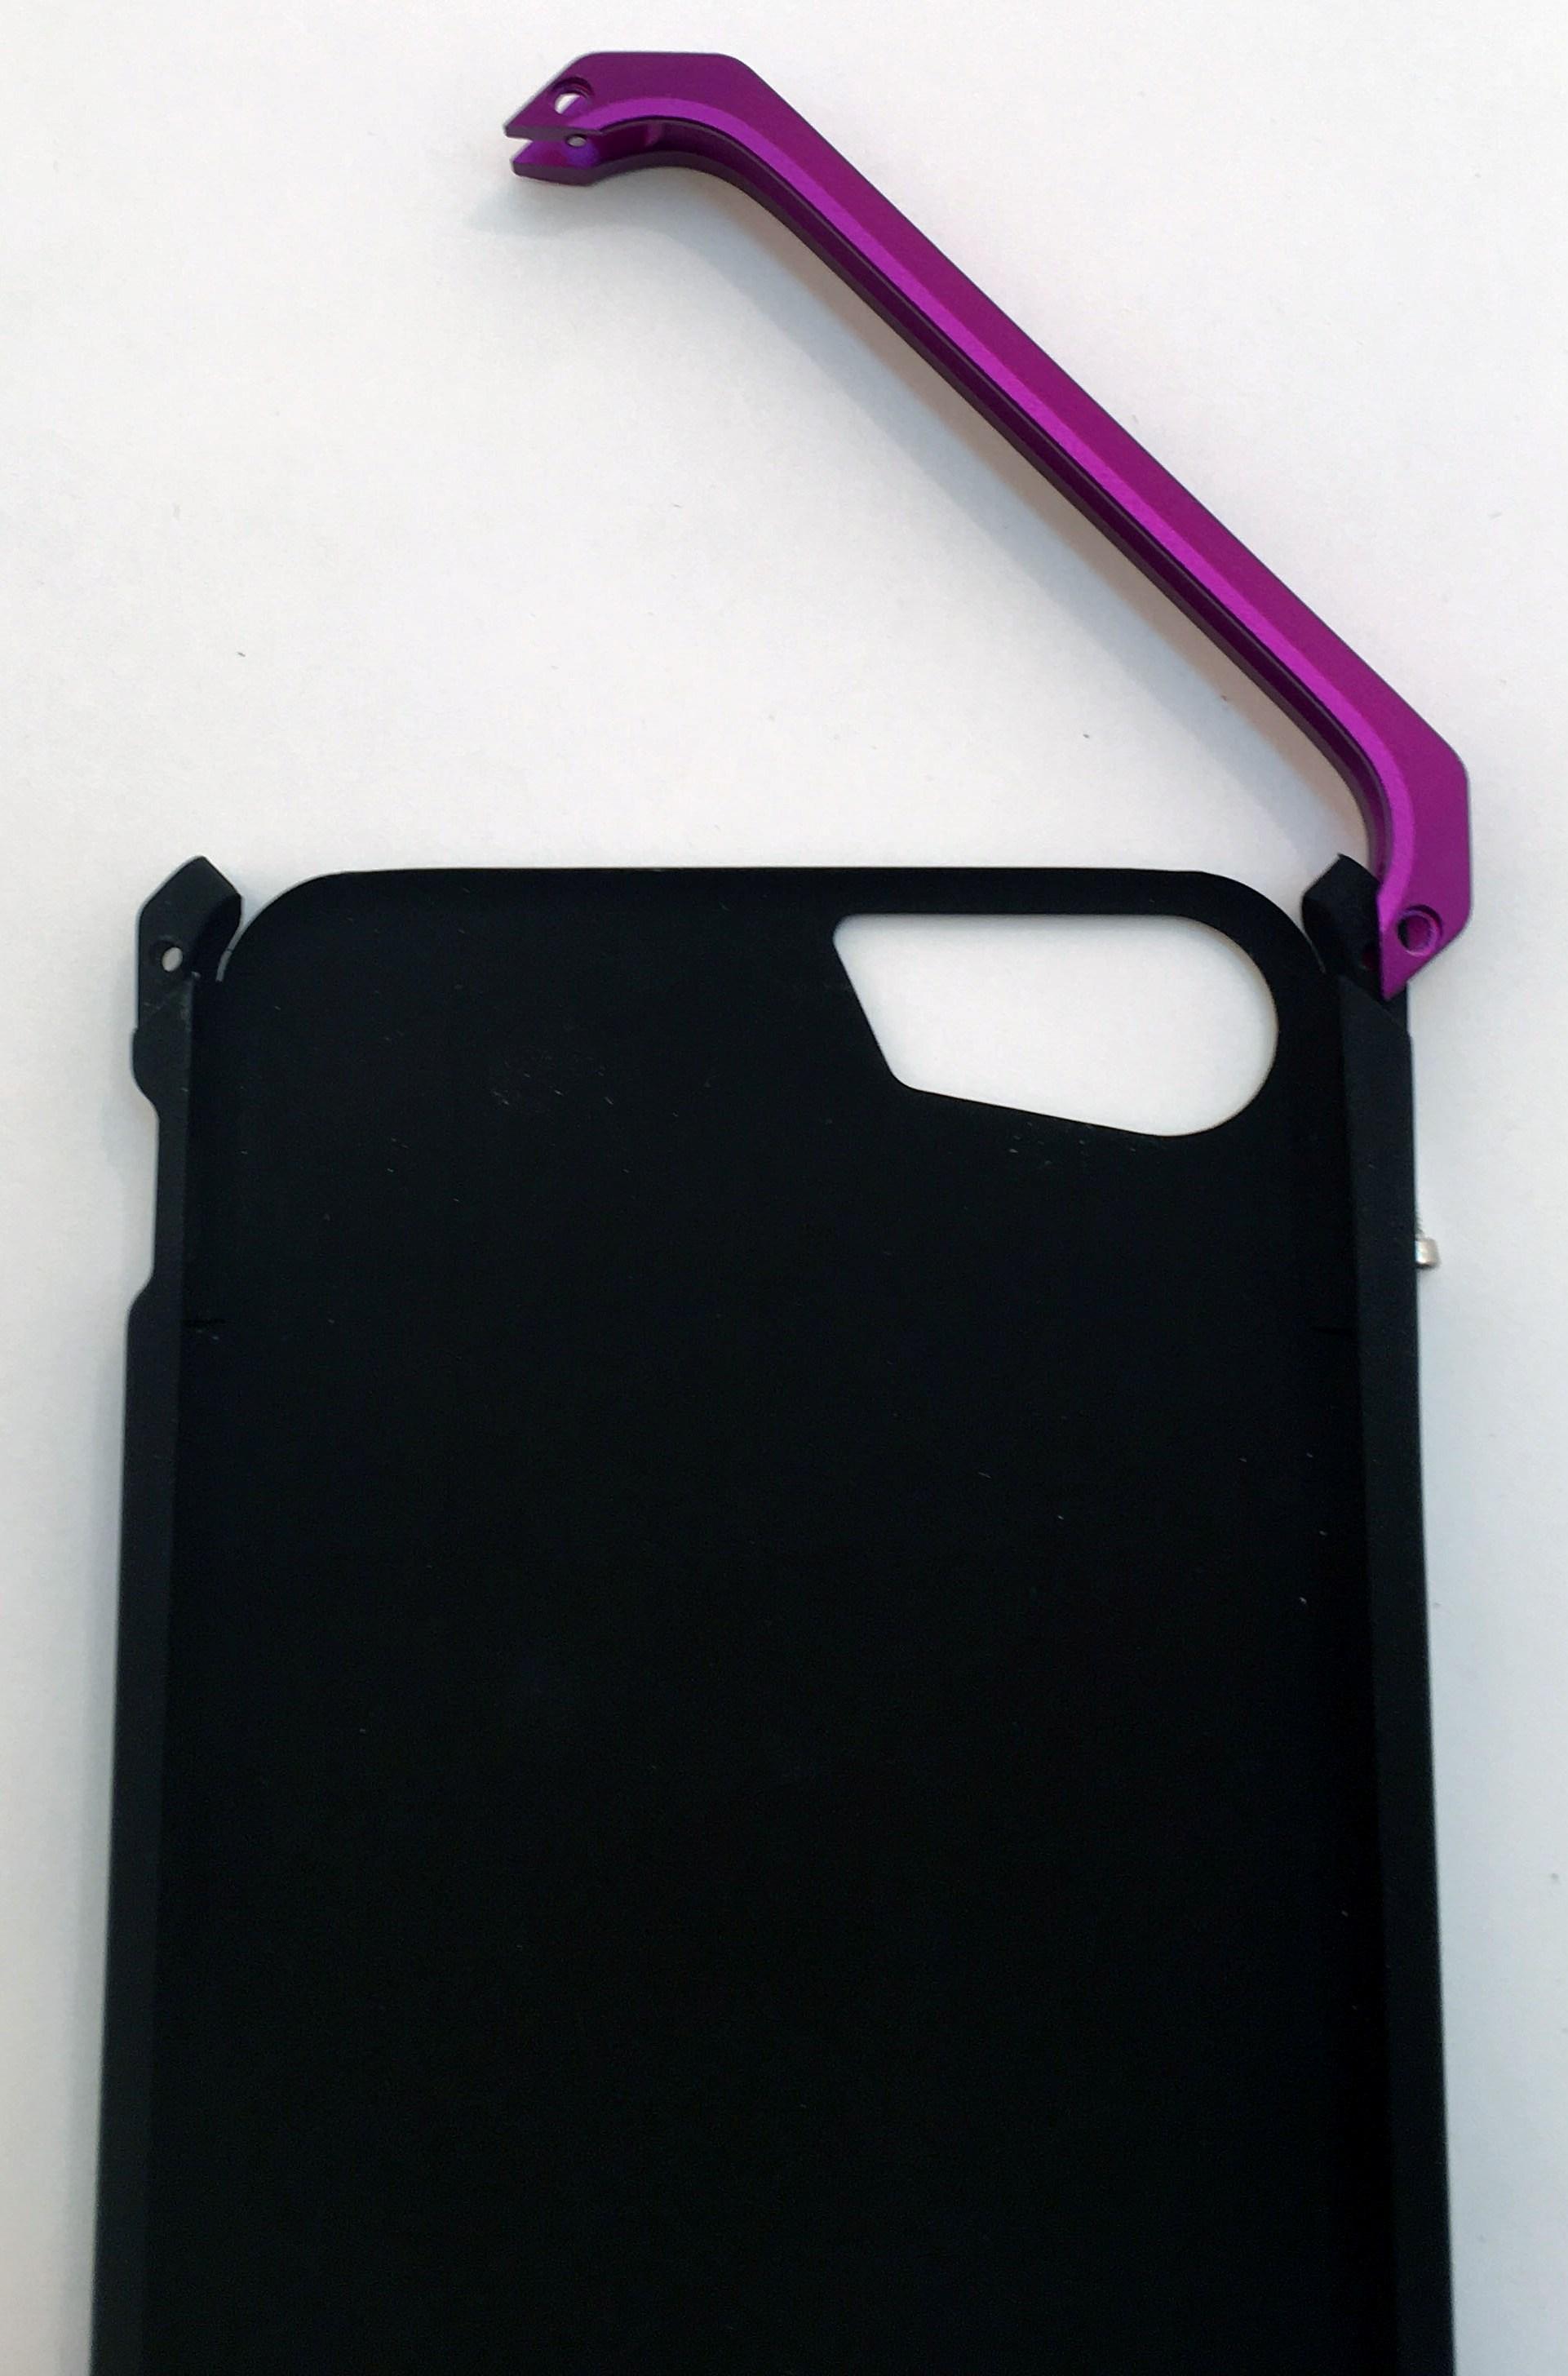 Чехол противоударный Ginmic Solies, чёрно-розовый, металл снят